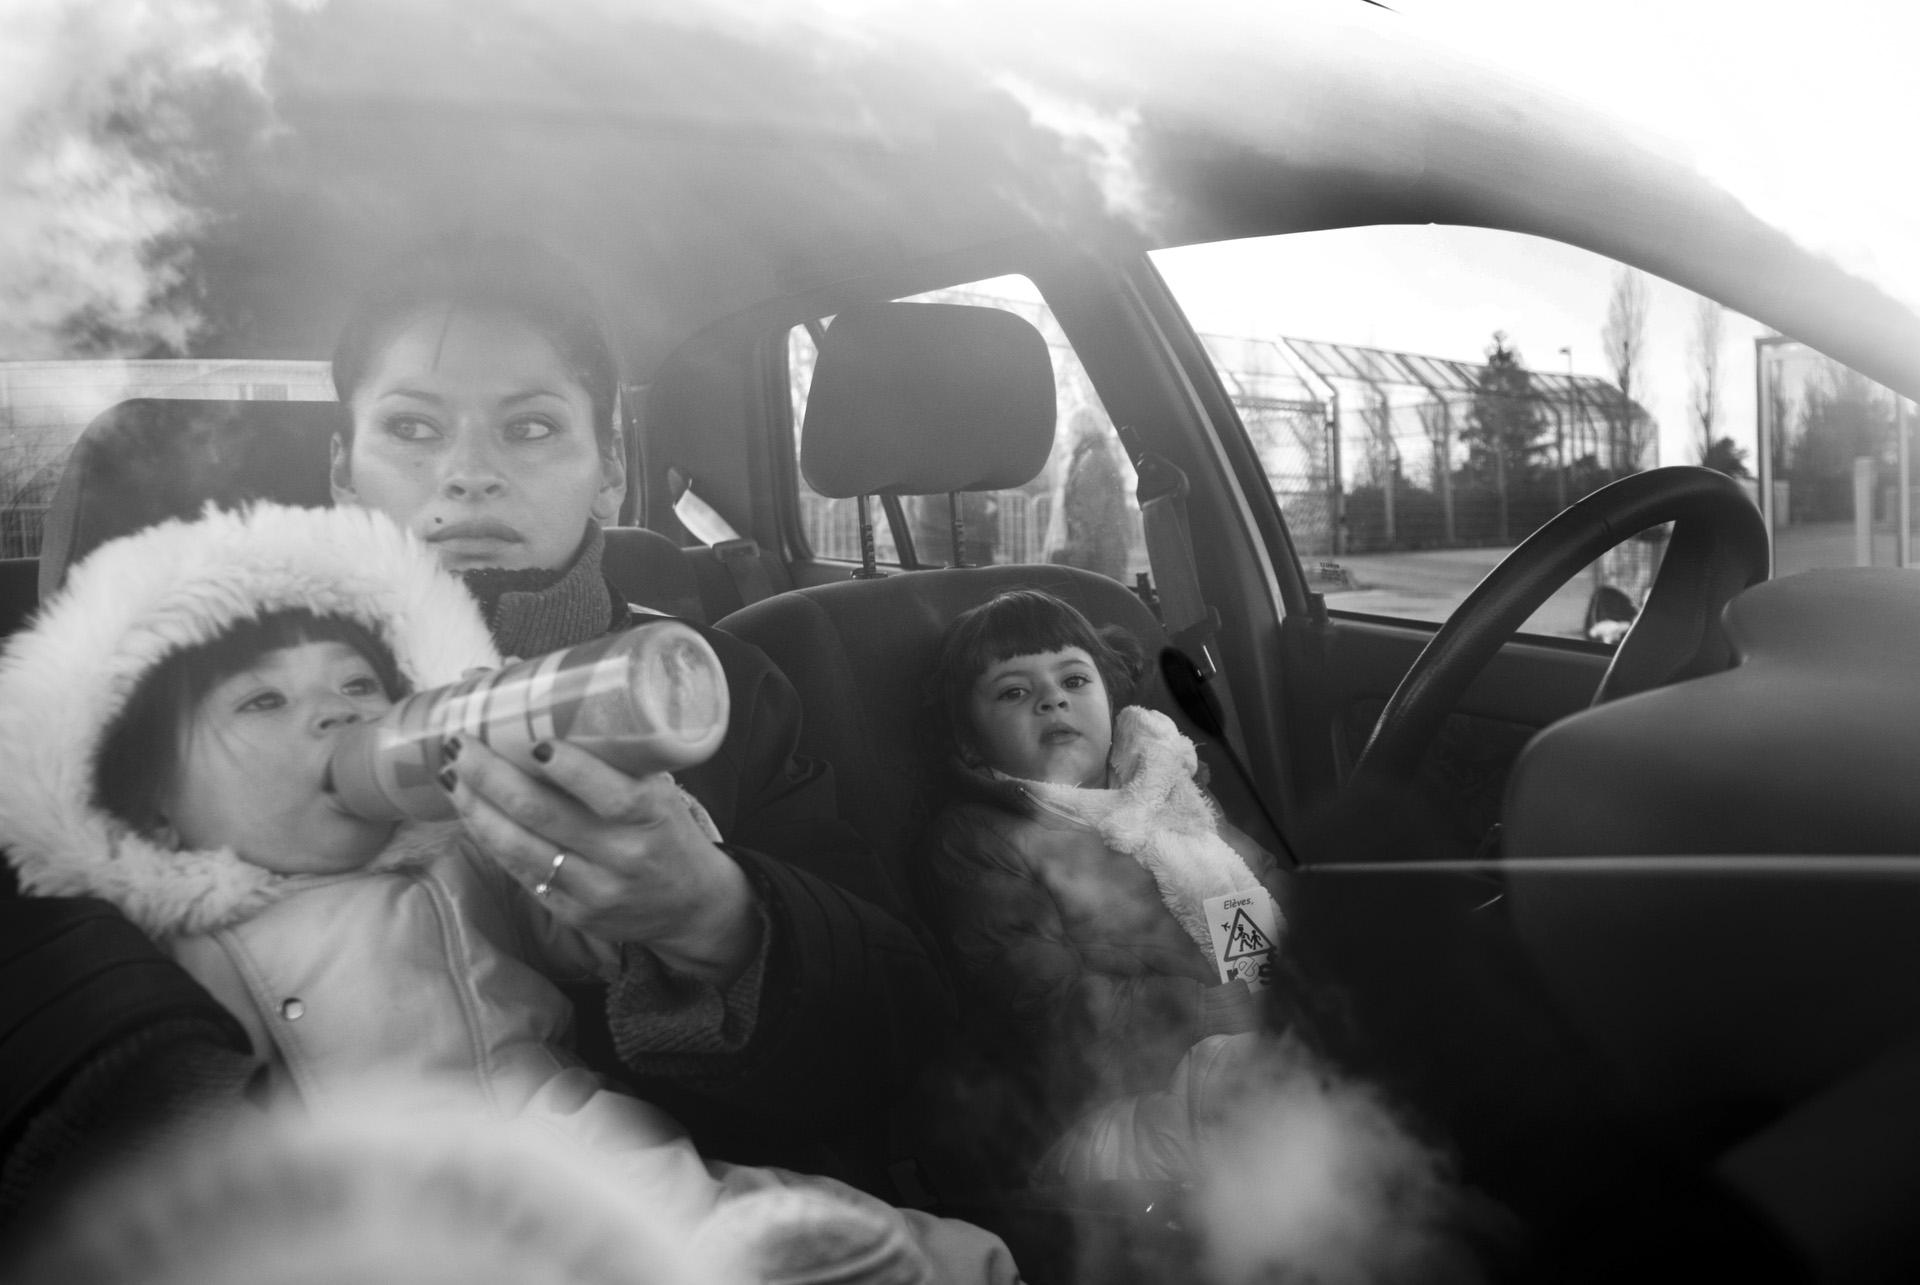 RESF DEVANT LE CENTRE DE RETENTION AVEC ANGELA CUBILLOS ET SES QUATRE ENFANTS QUI SONT VENUS VISITER CARLOS, SON CONJOINT COLOMBIEN ENFERME AU CRA DEPUIS DIX HUIT JOURS.